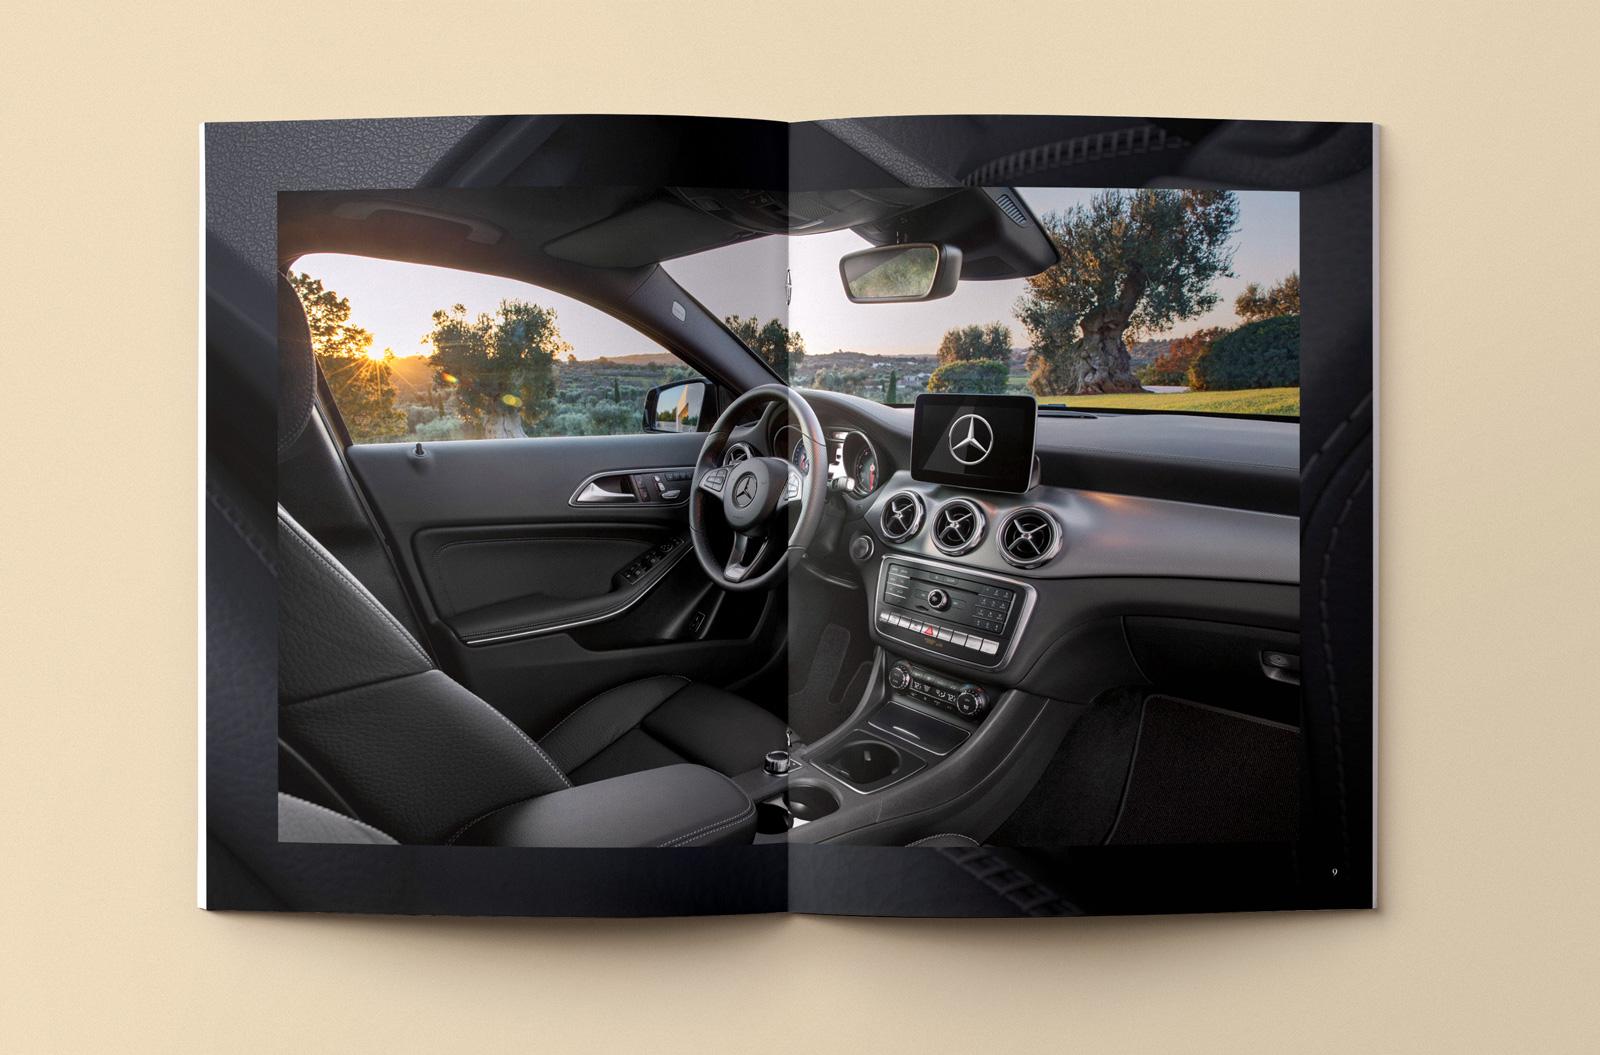 Full-spread-GLA-interior.jpg